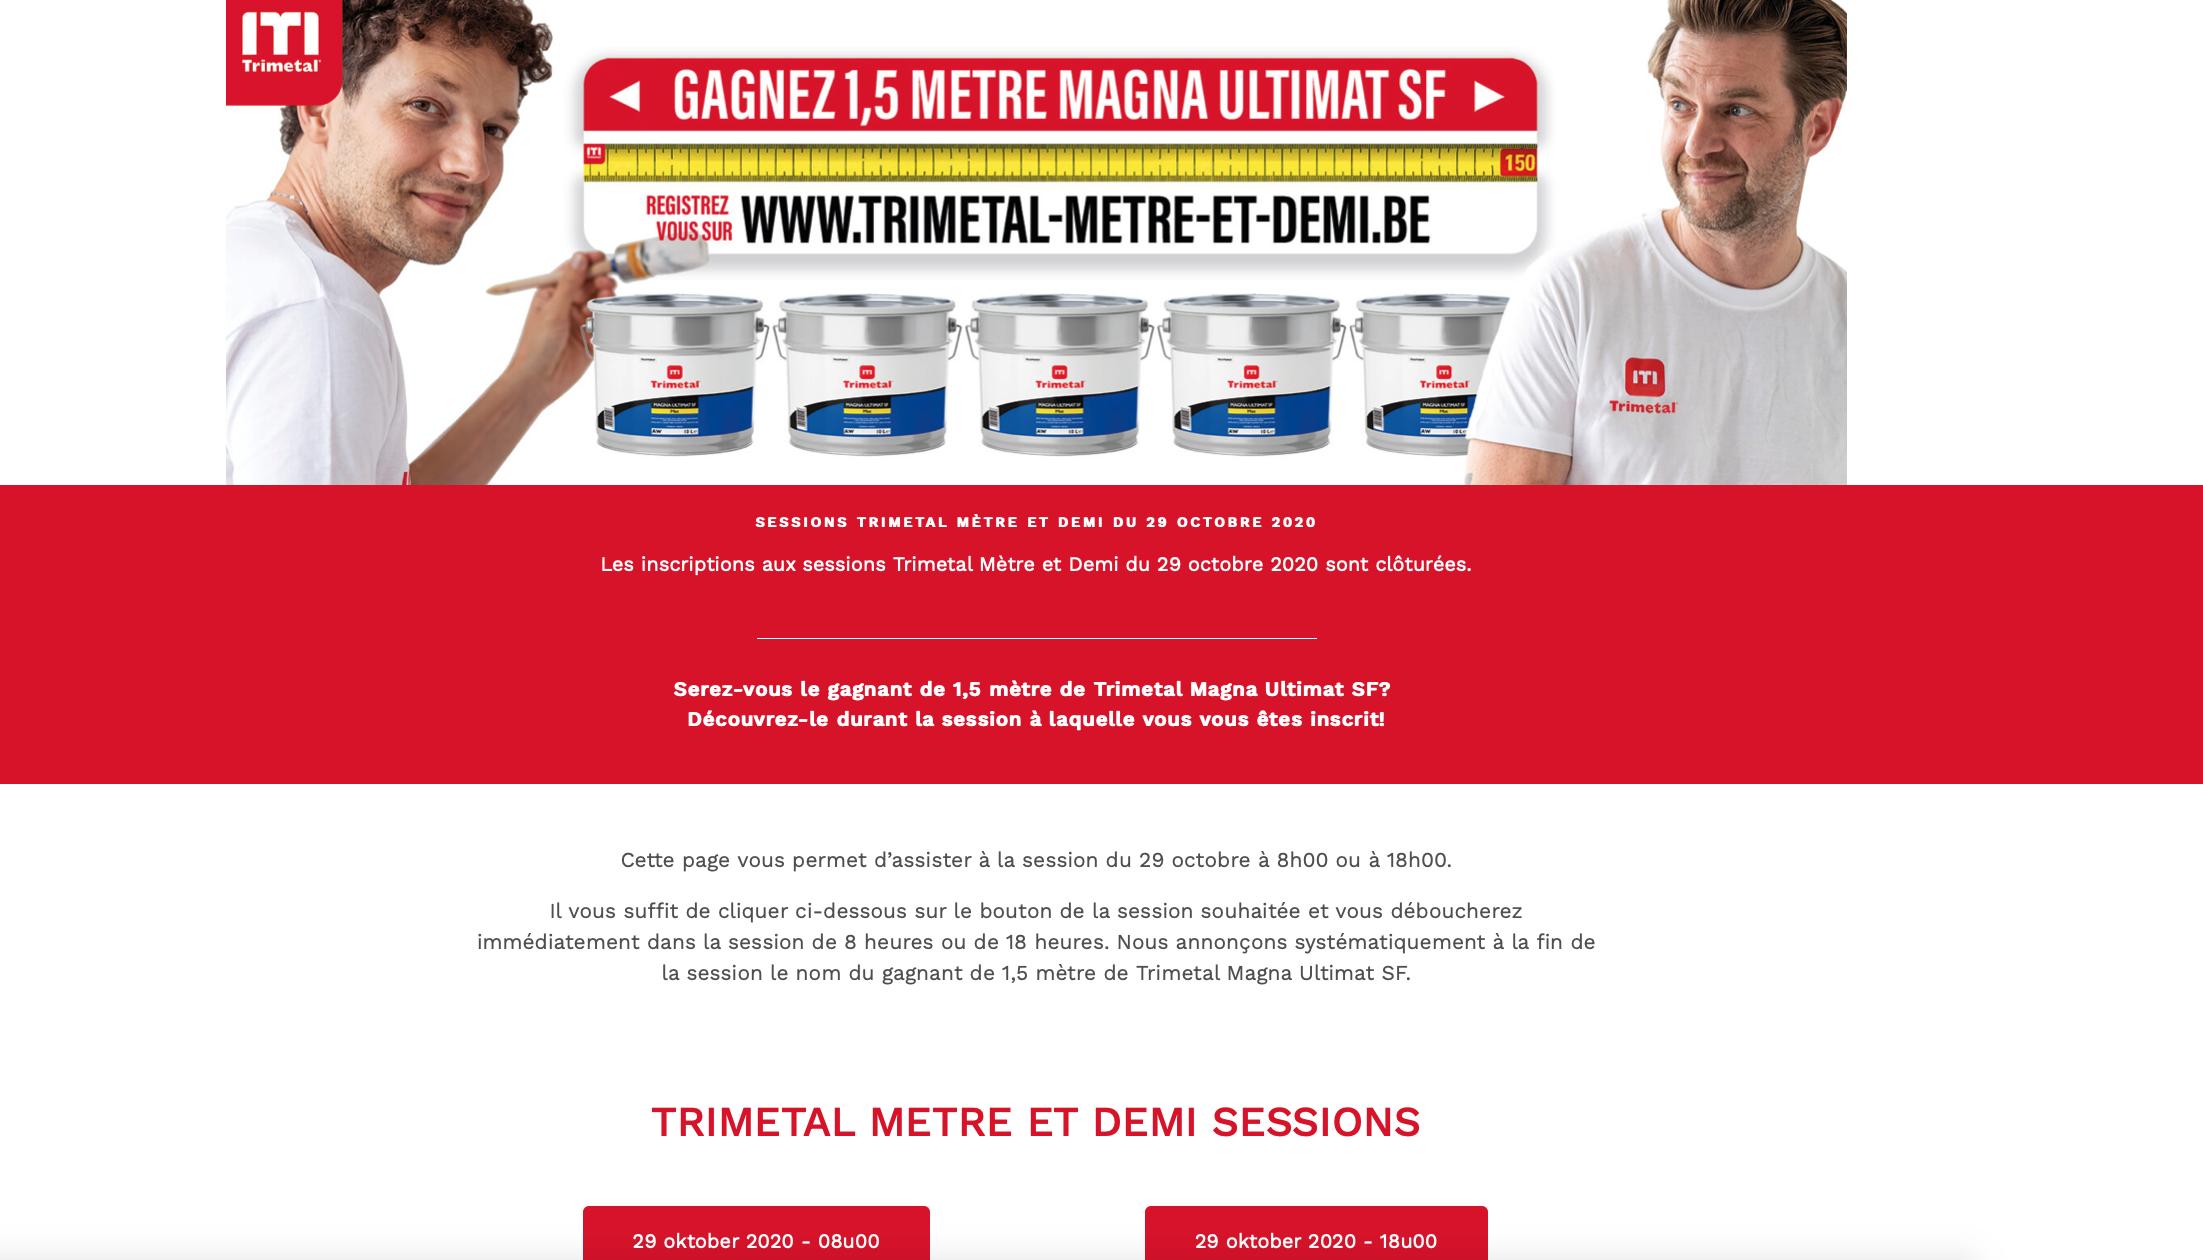 TRIMETAL: Turning a webinar into a virtual event - Image de marque & branding